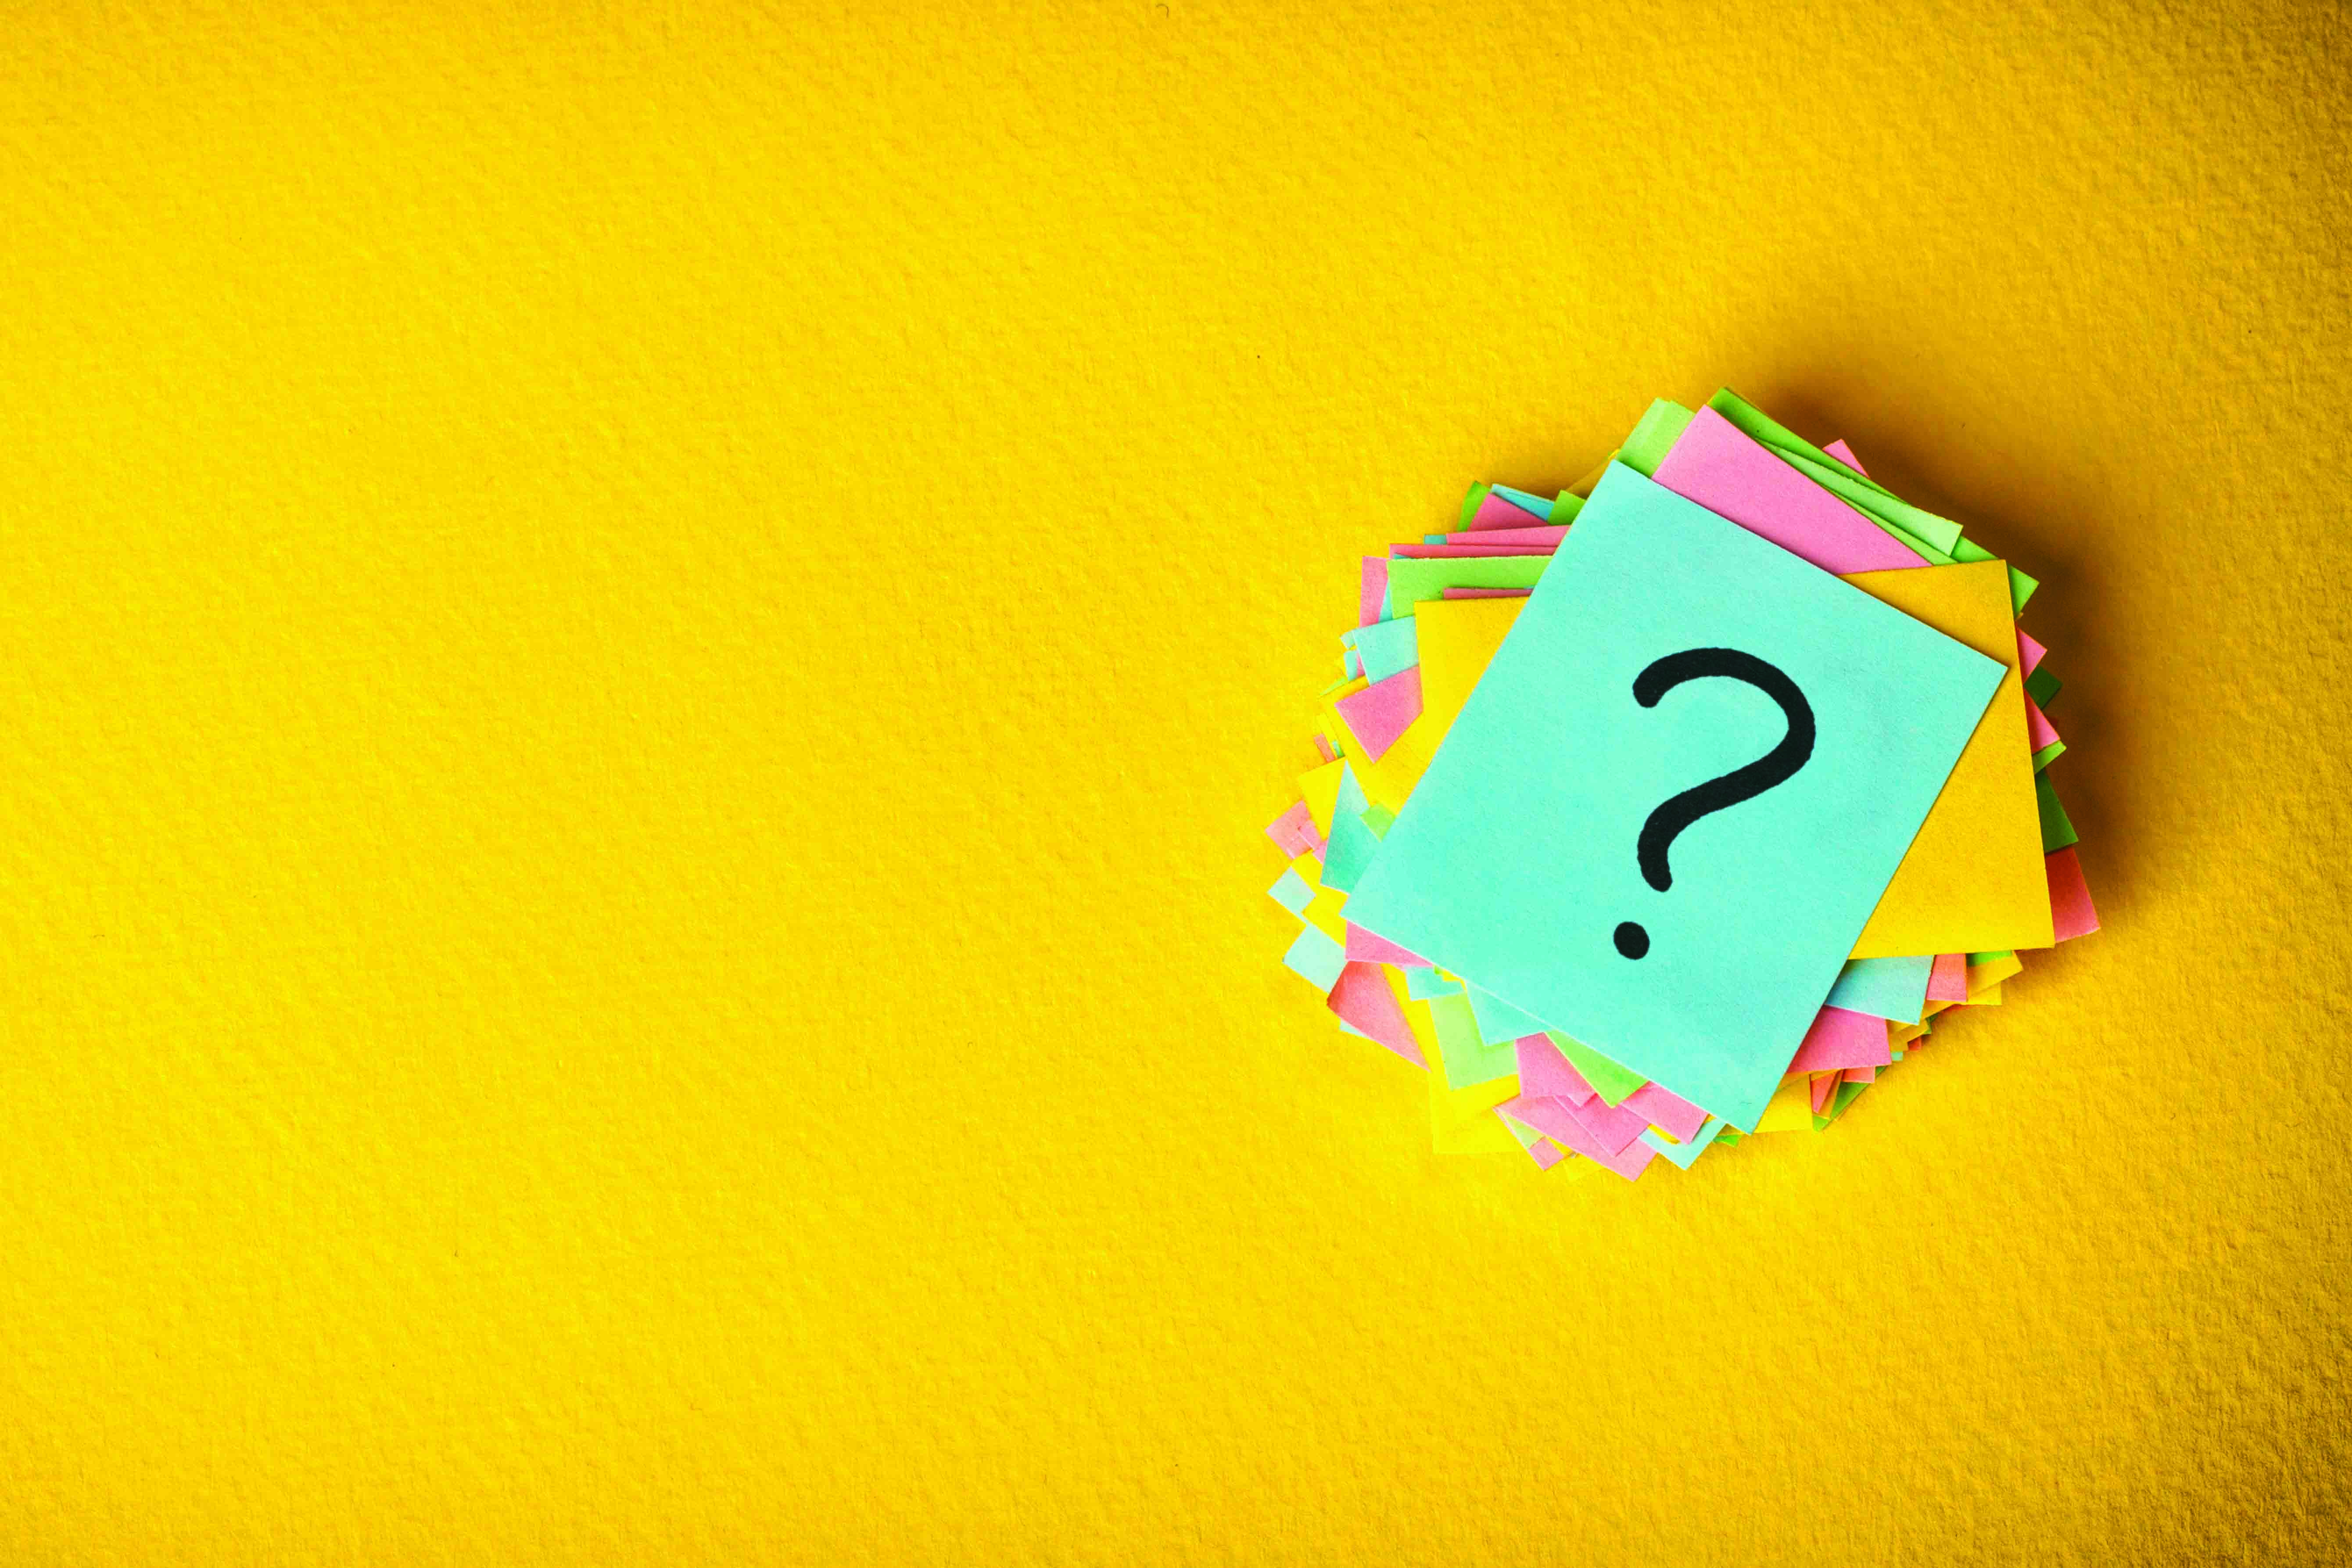 Partnership, sole proprietorship or corporation? Thumbnail